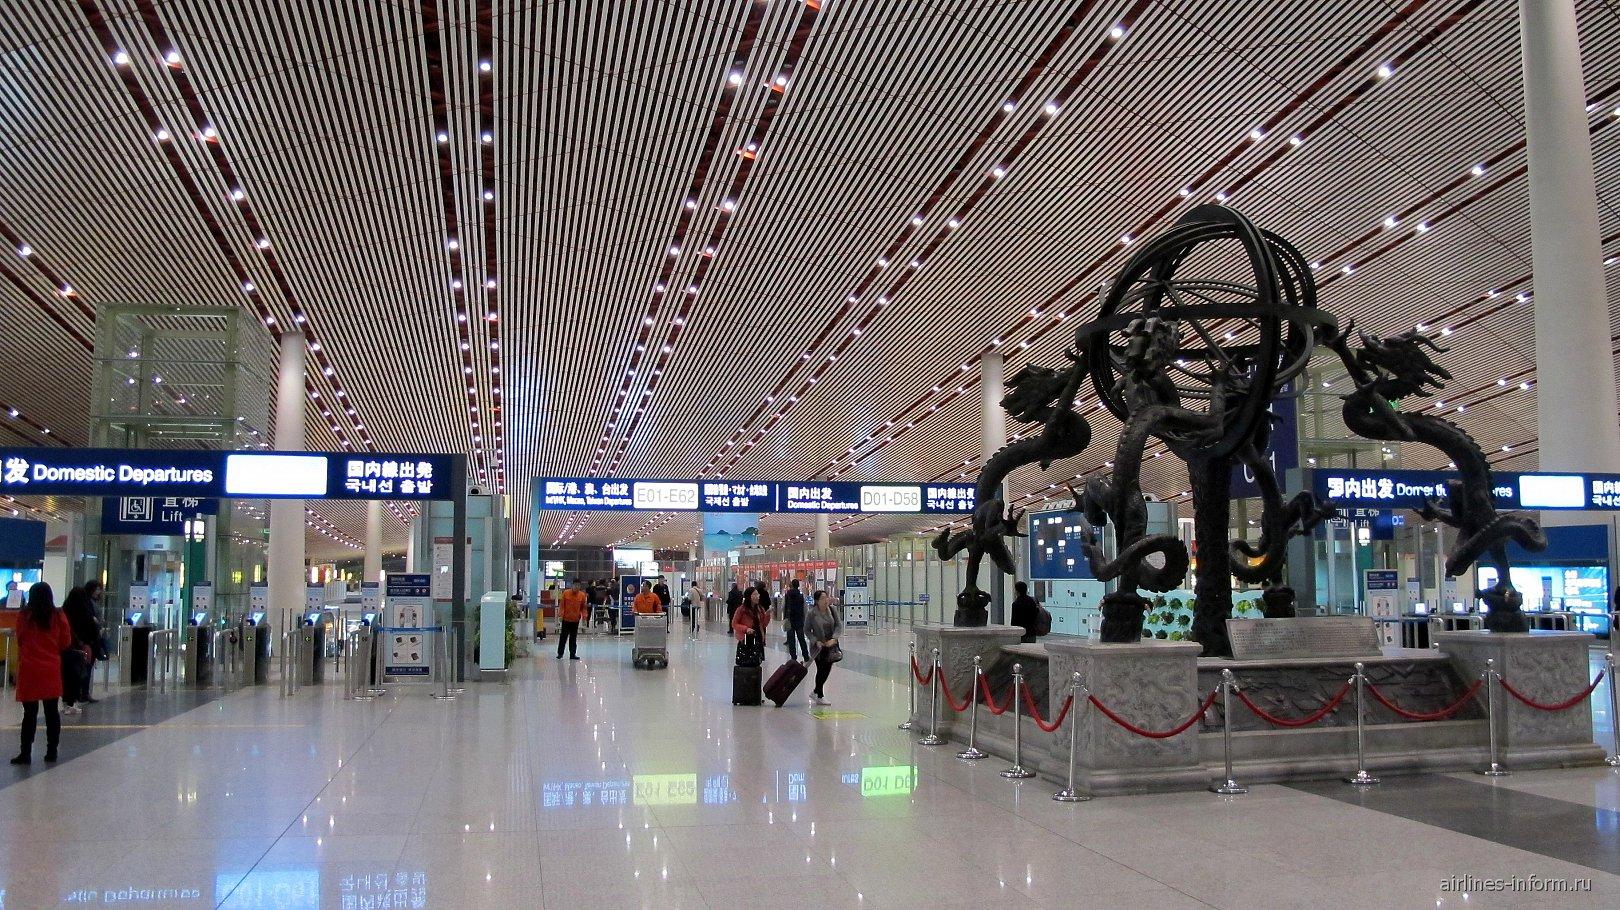 Драконы в зоне регистрации терминала 3 аэропорта Пекин Столичный